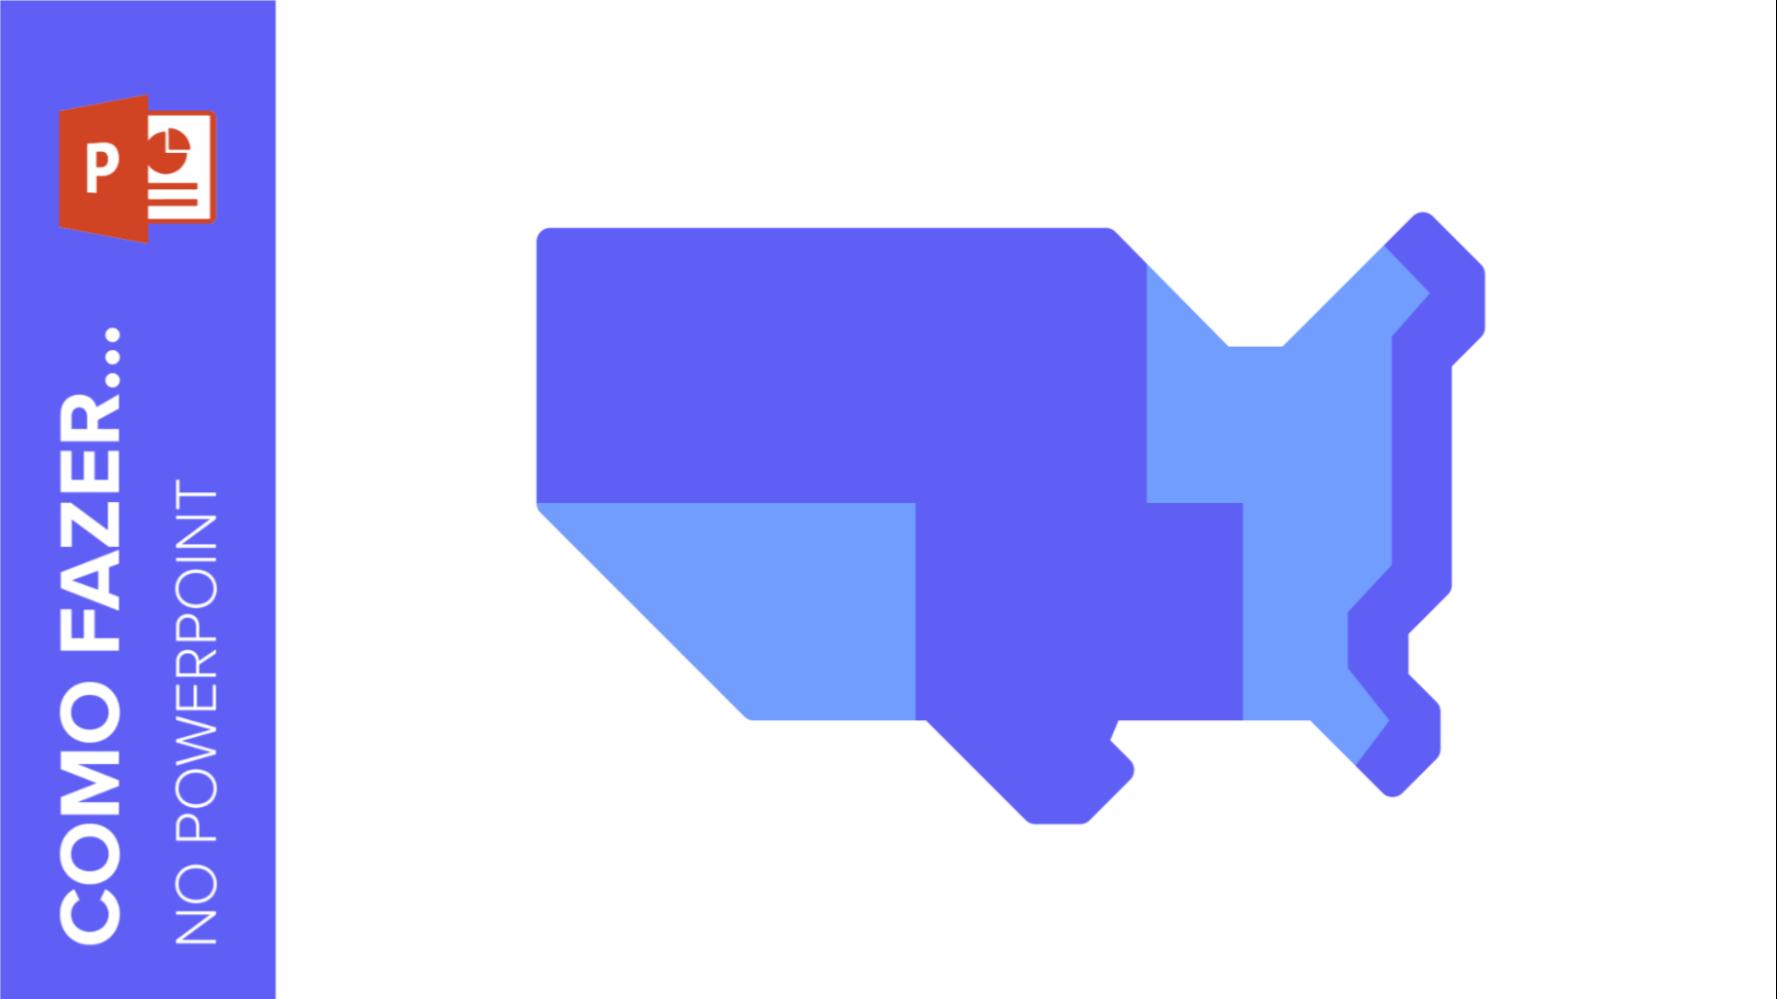 Como criar e formatar mapas no PowerPoint | Tutoriais e Dicas de apresentação